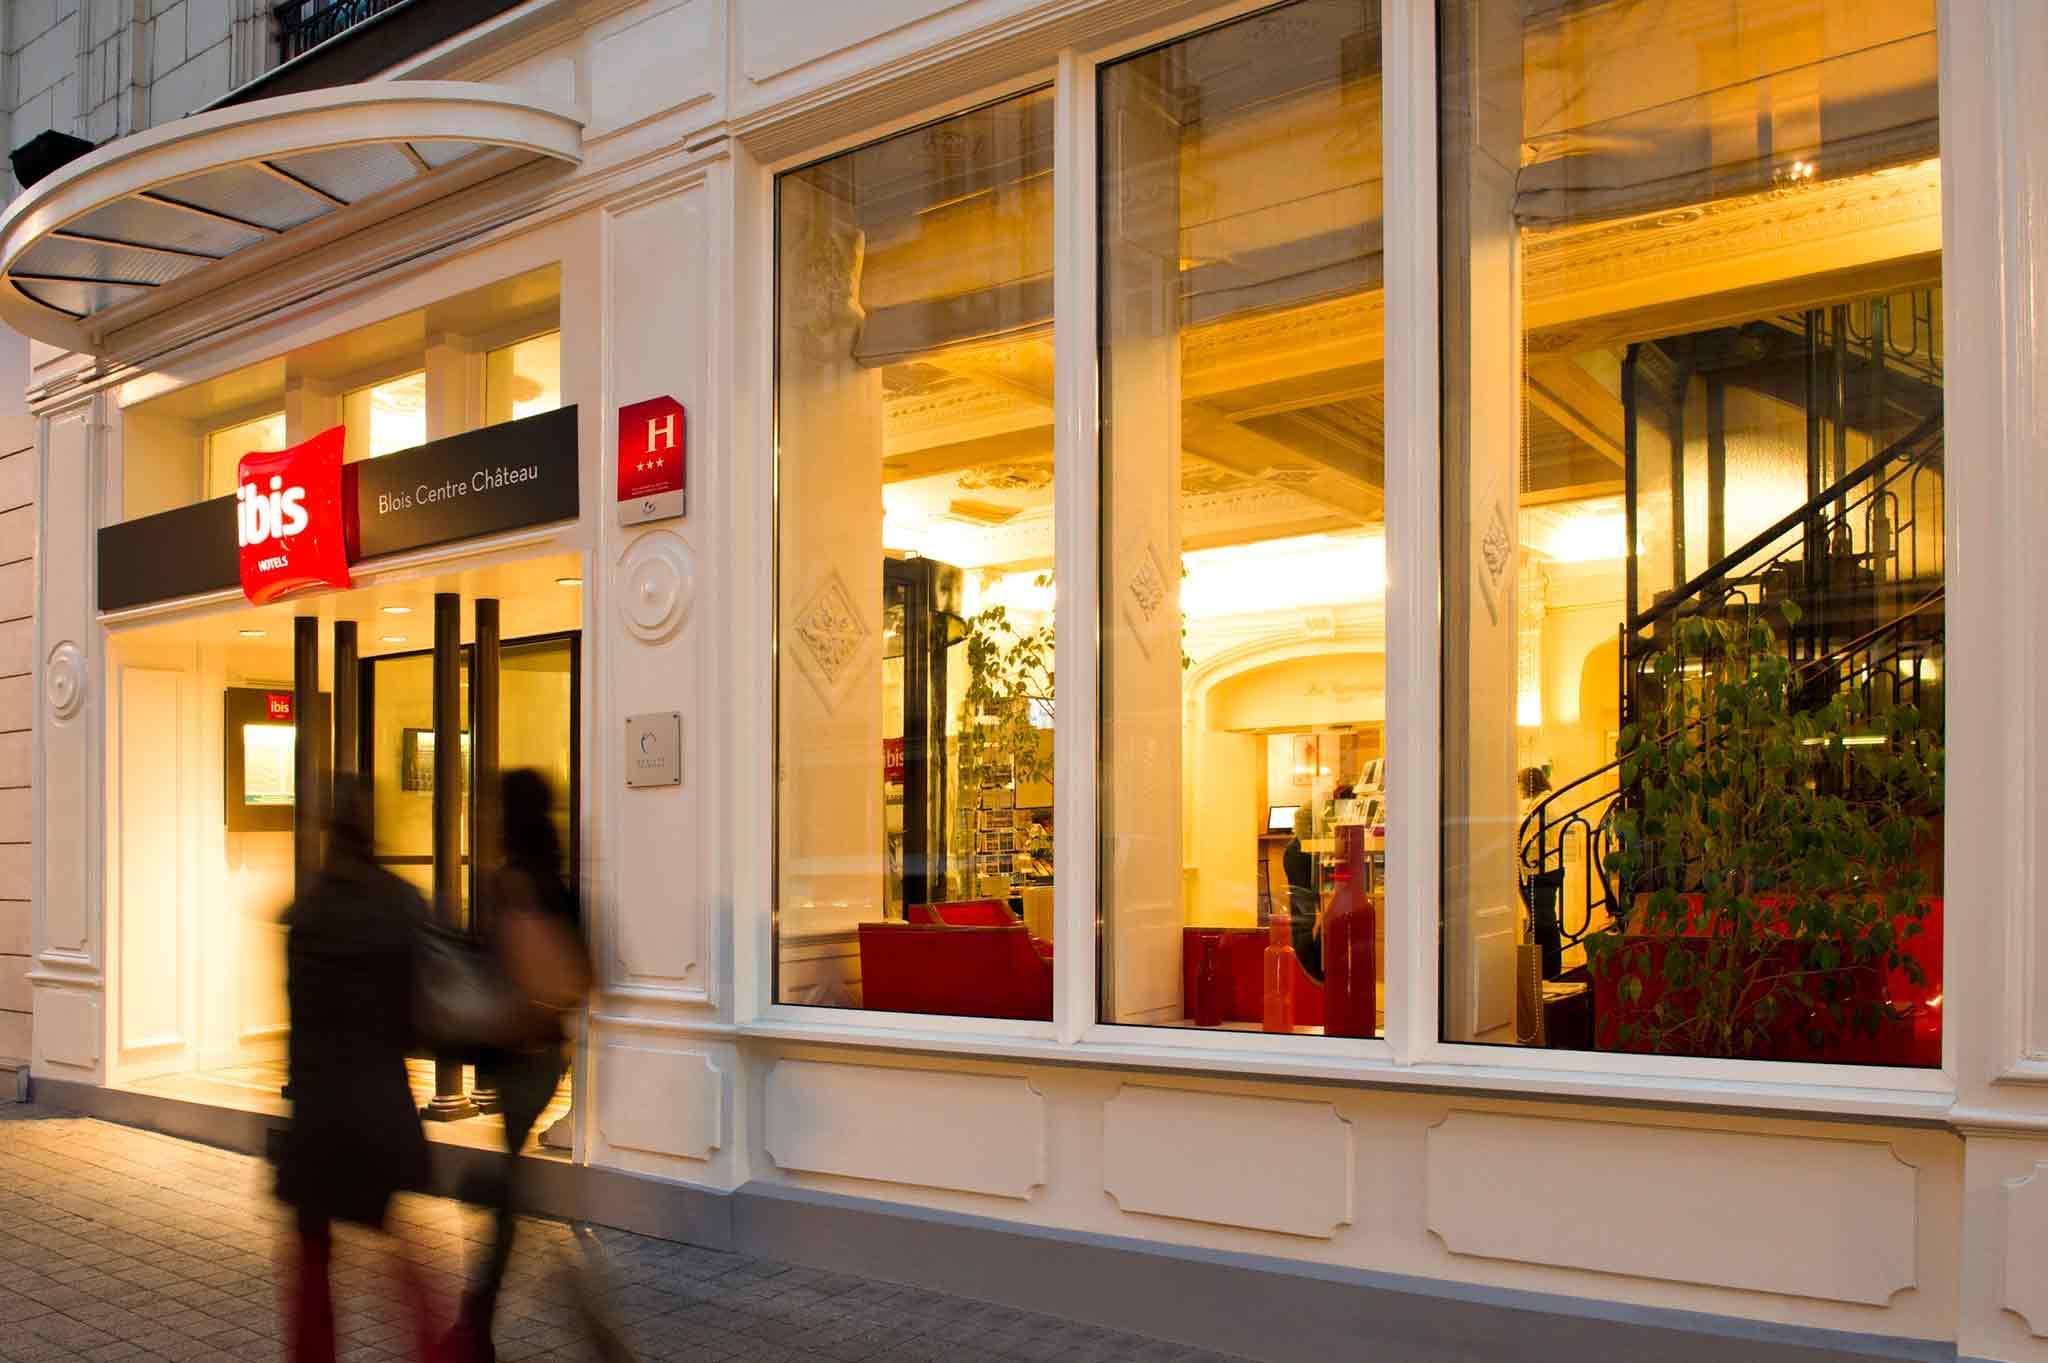 Hotel – ibis Blois Centre Chateau